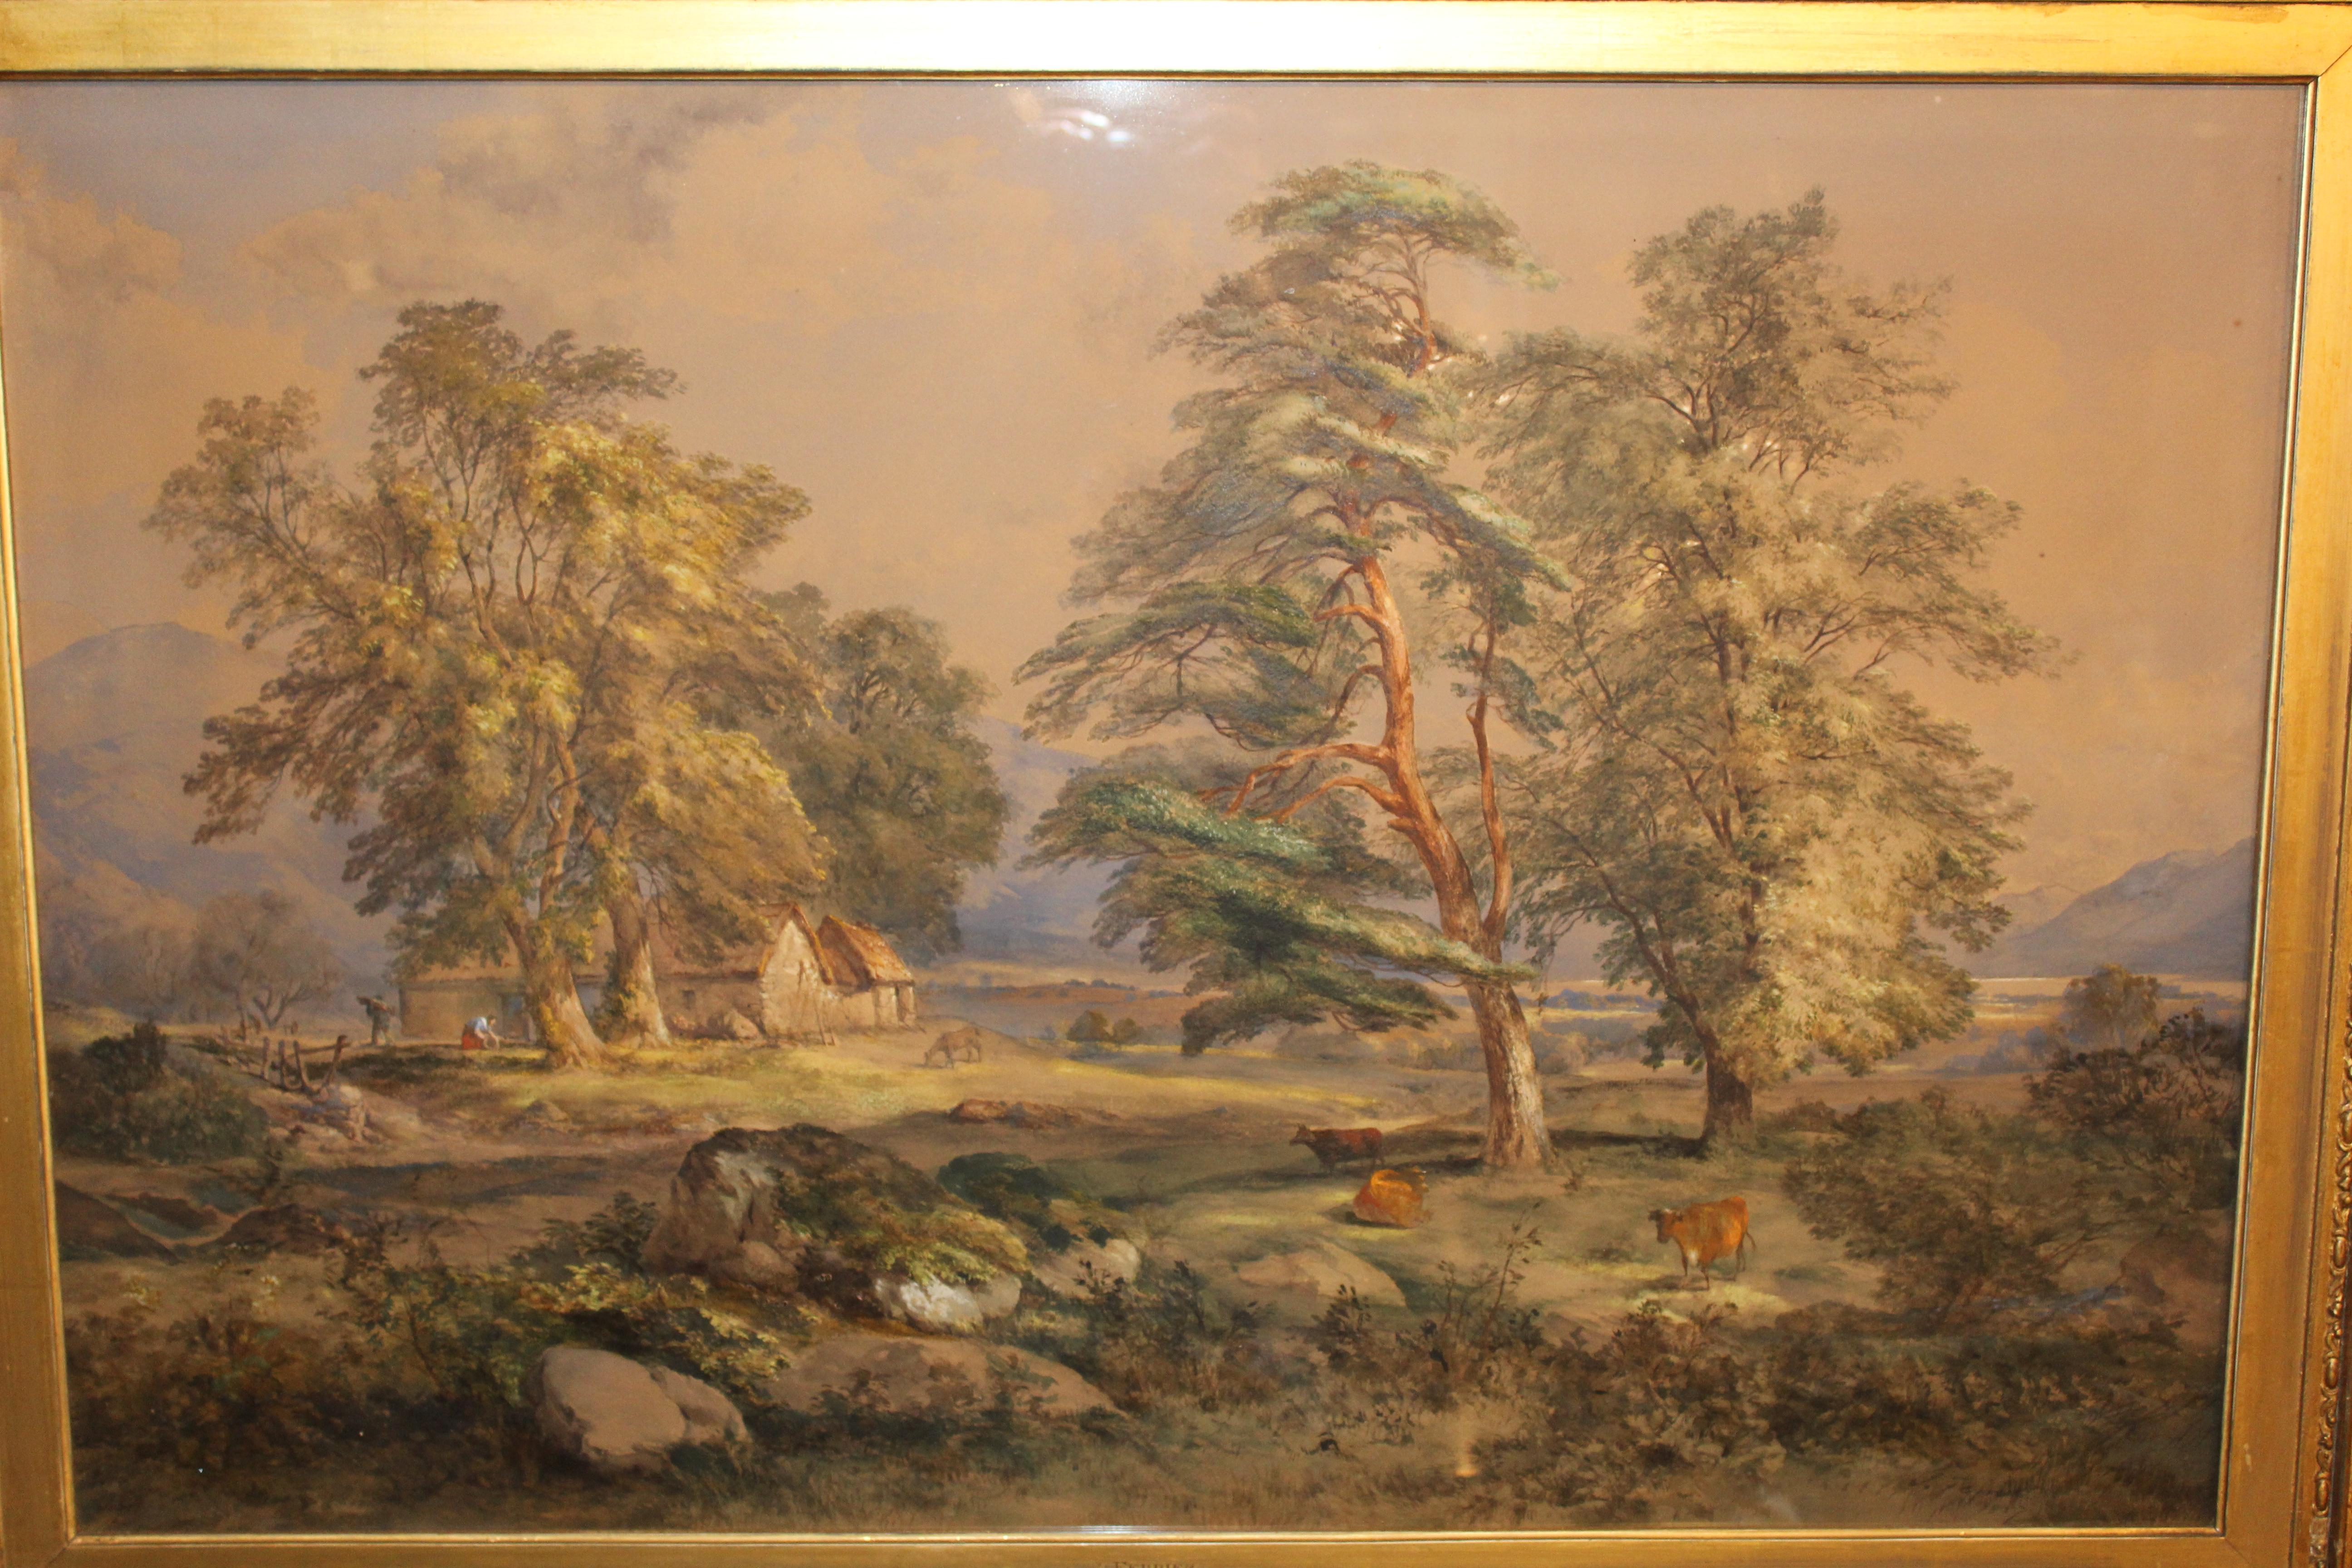 James Ferrier, 1857